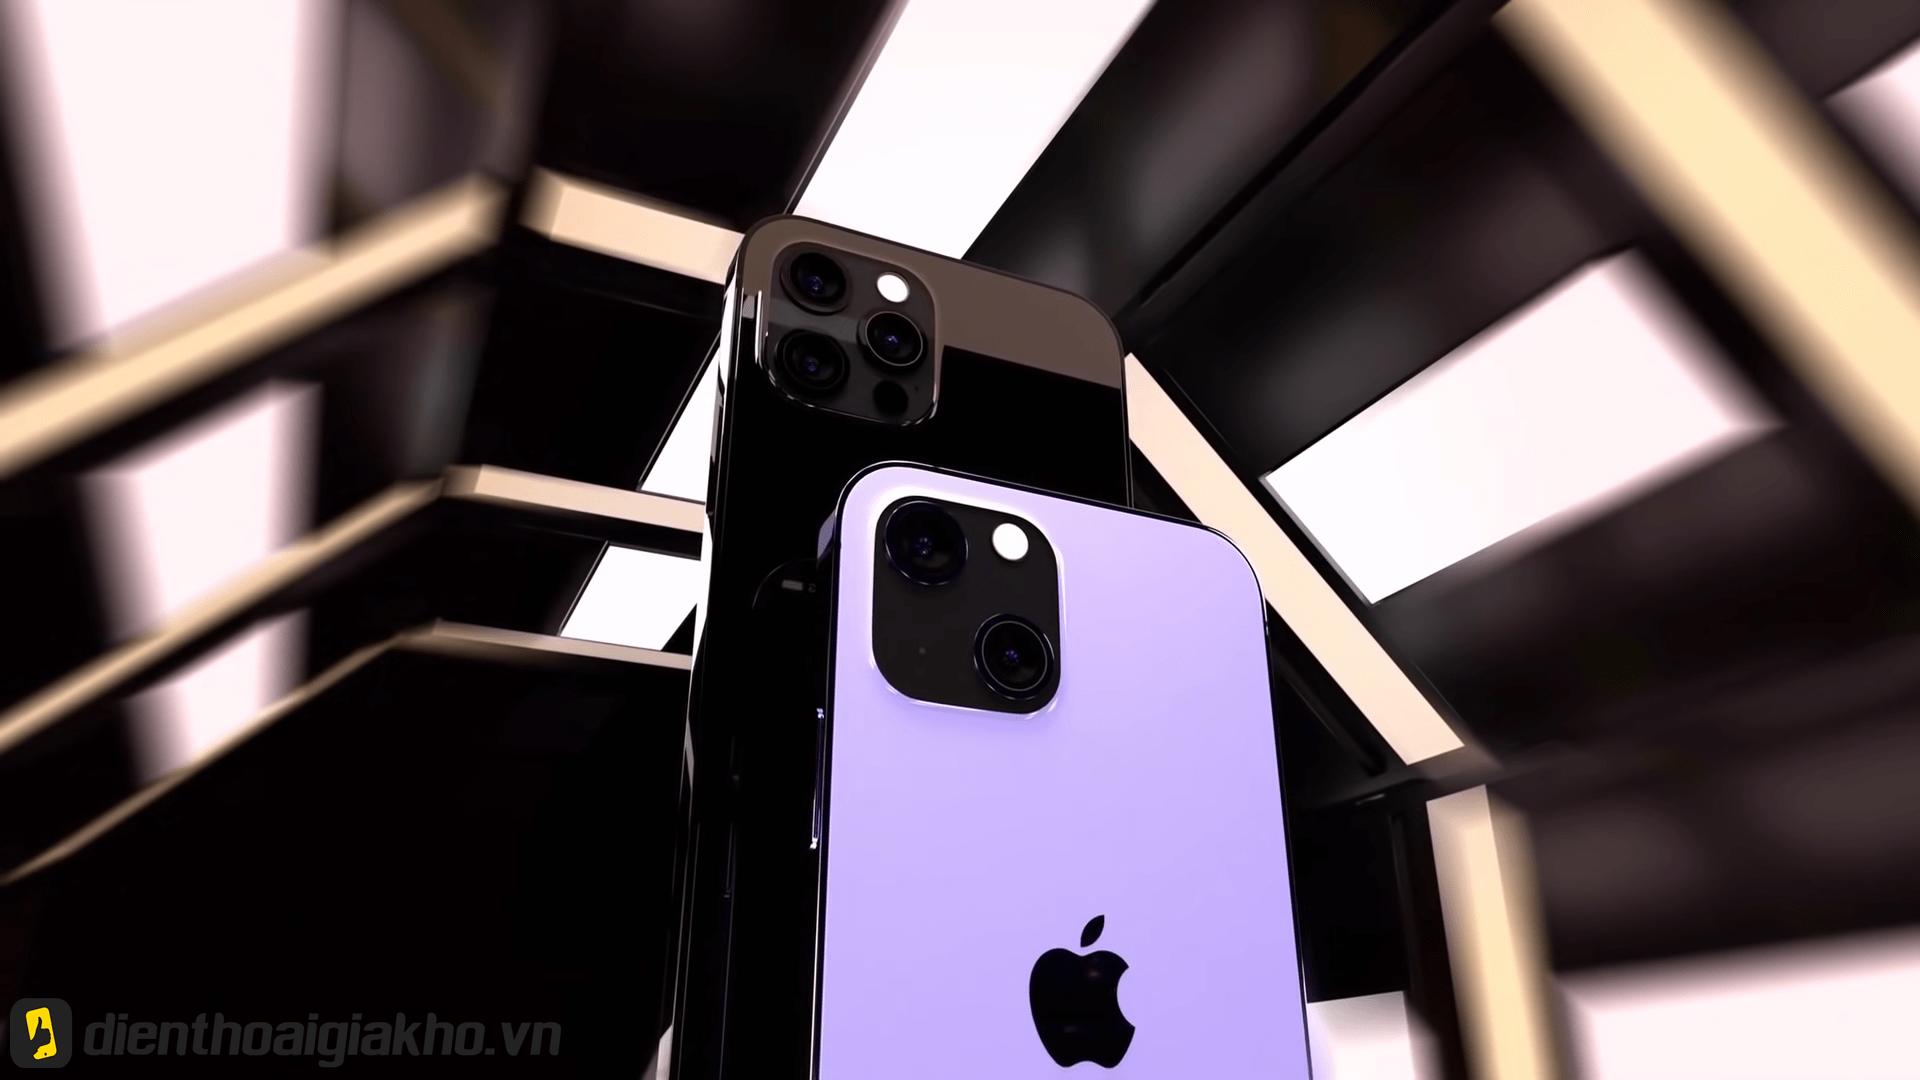 Dòng iPhone 13 dự kiến sẽ hỗ trợ Wi-Fi 6E. Đây là phiên bản nâng cấp hơn của Wi-Fi 6 với băng tần mạng 6 Ghz.